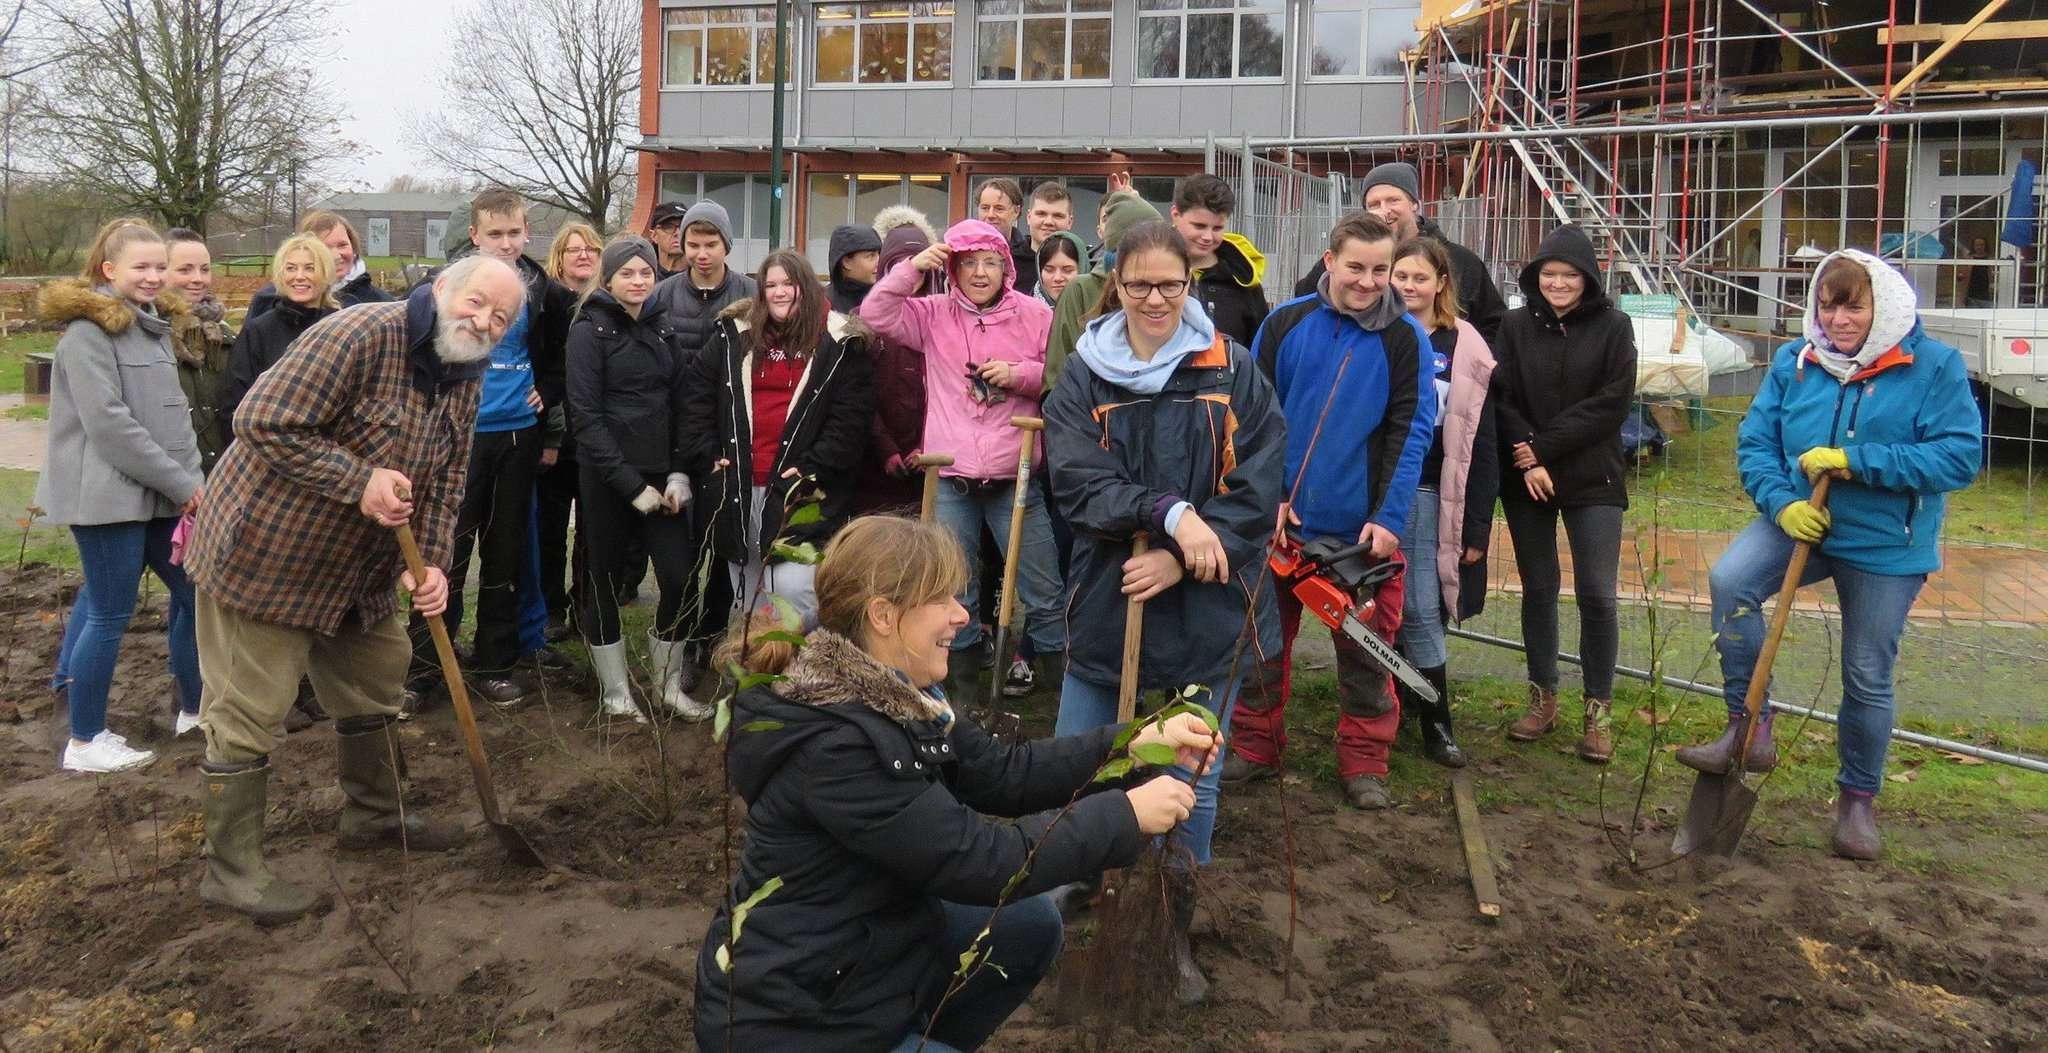 Das Außengelände der Wümmeschule und des Gymnasiums soll eine völlig neue Gestaltung erfahren. Die Vorsitzende des Fördervereins